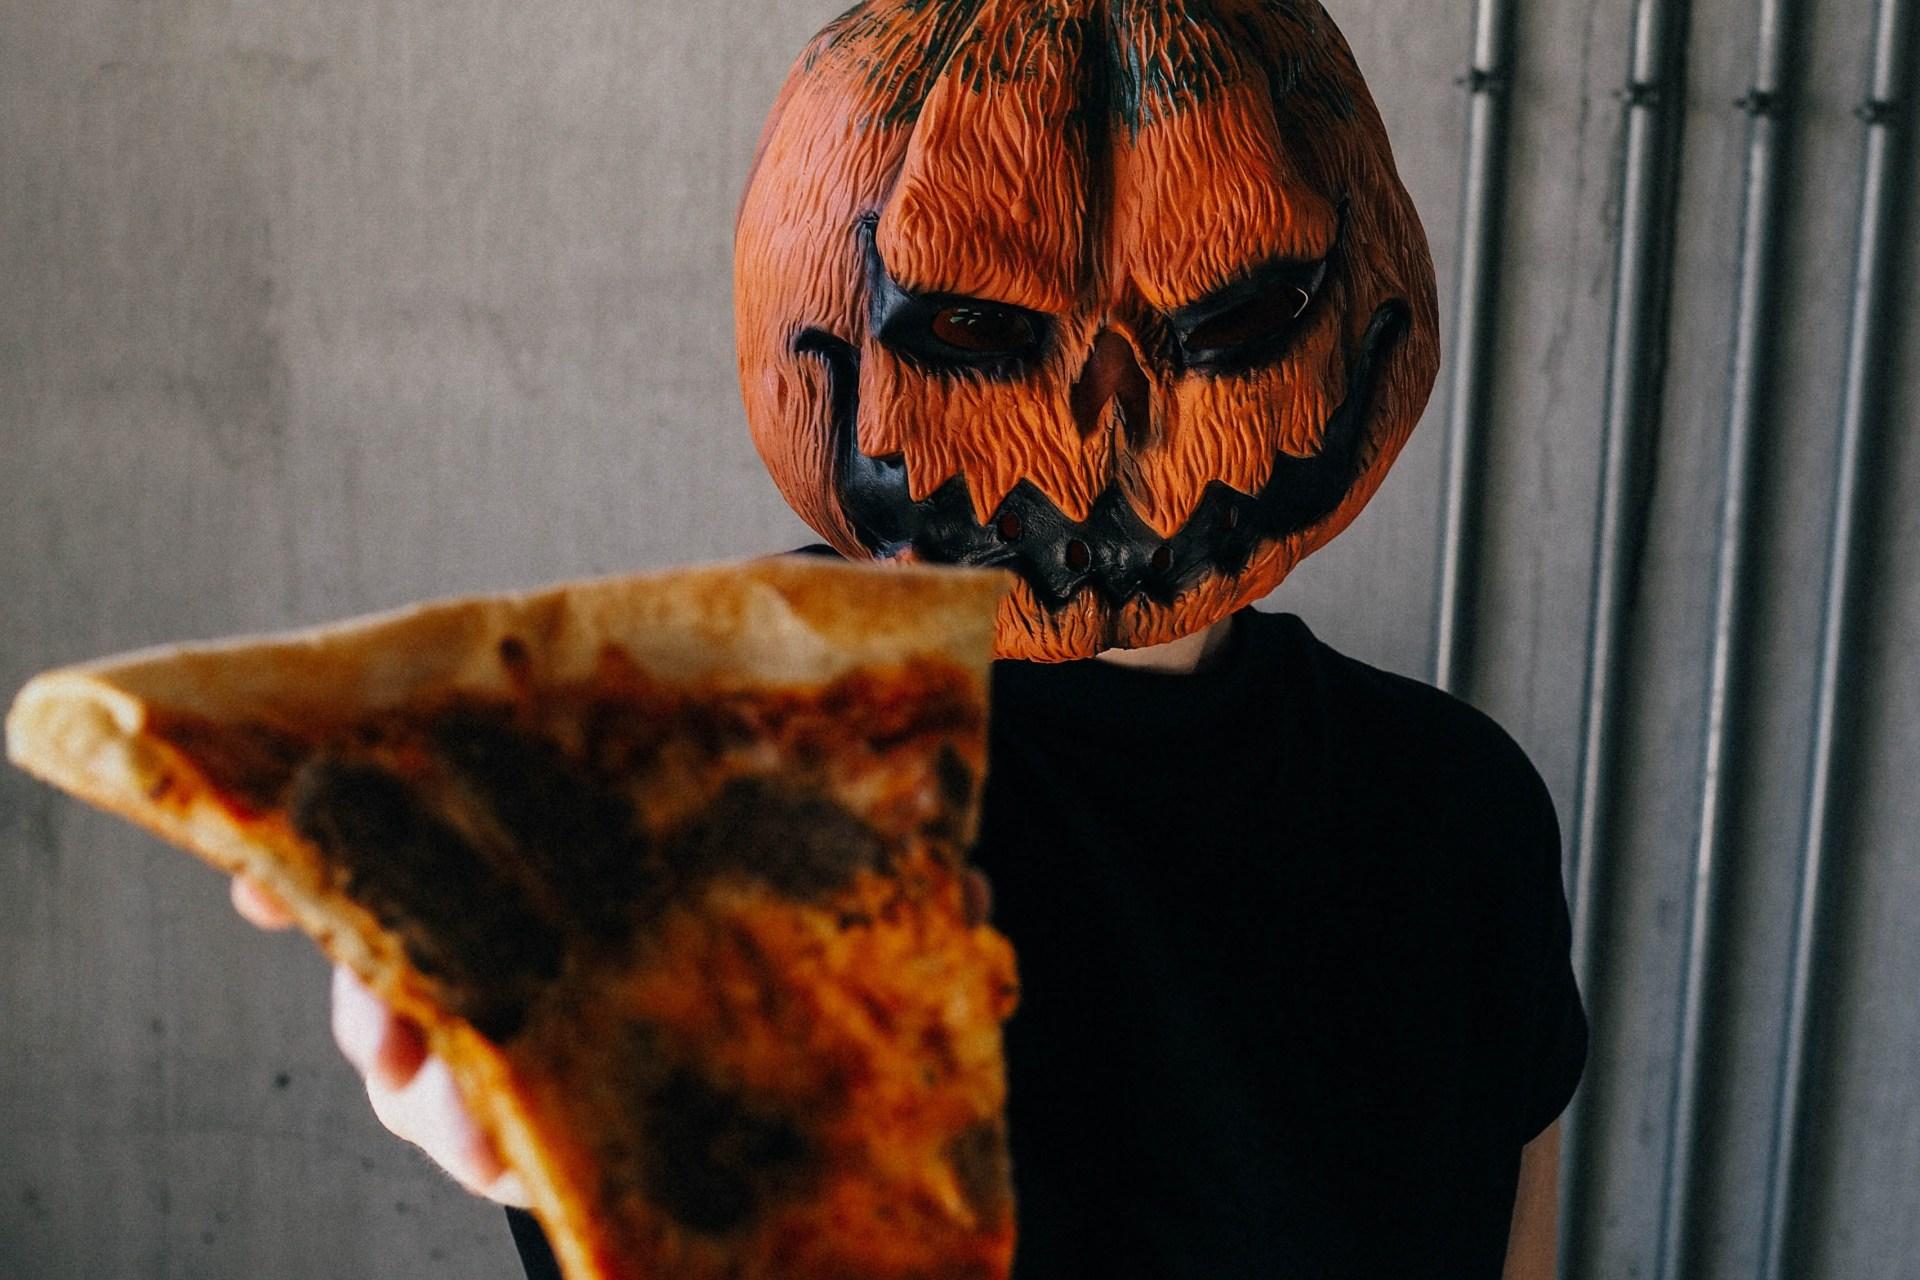 A spooky pumpkin for Halloween